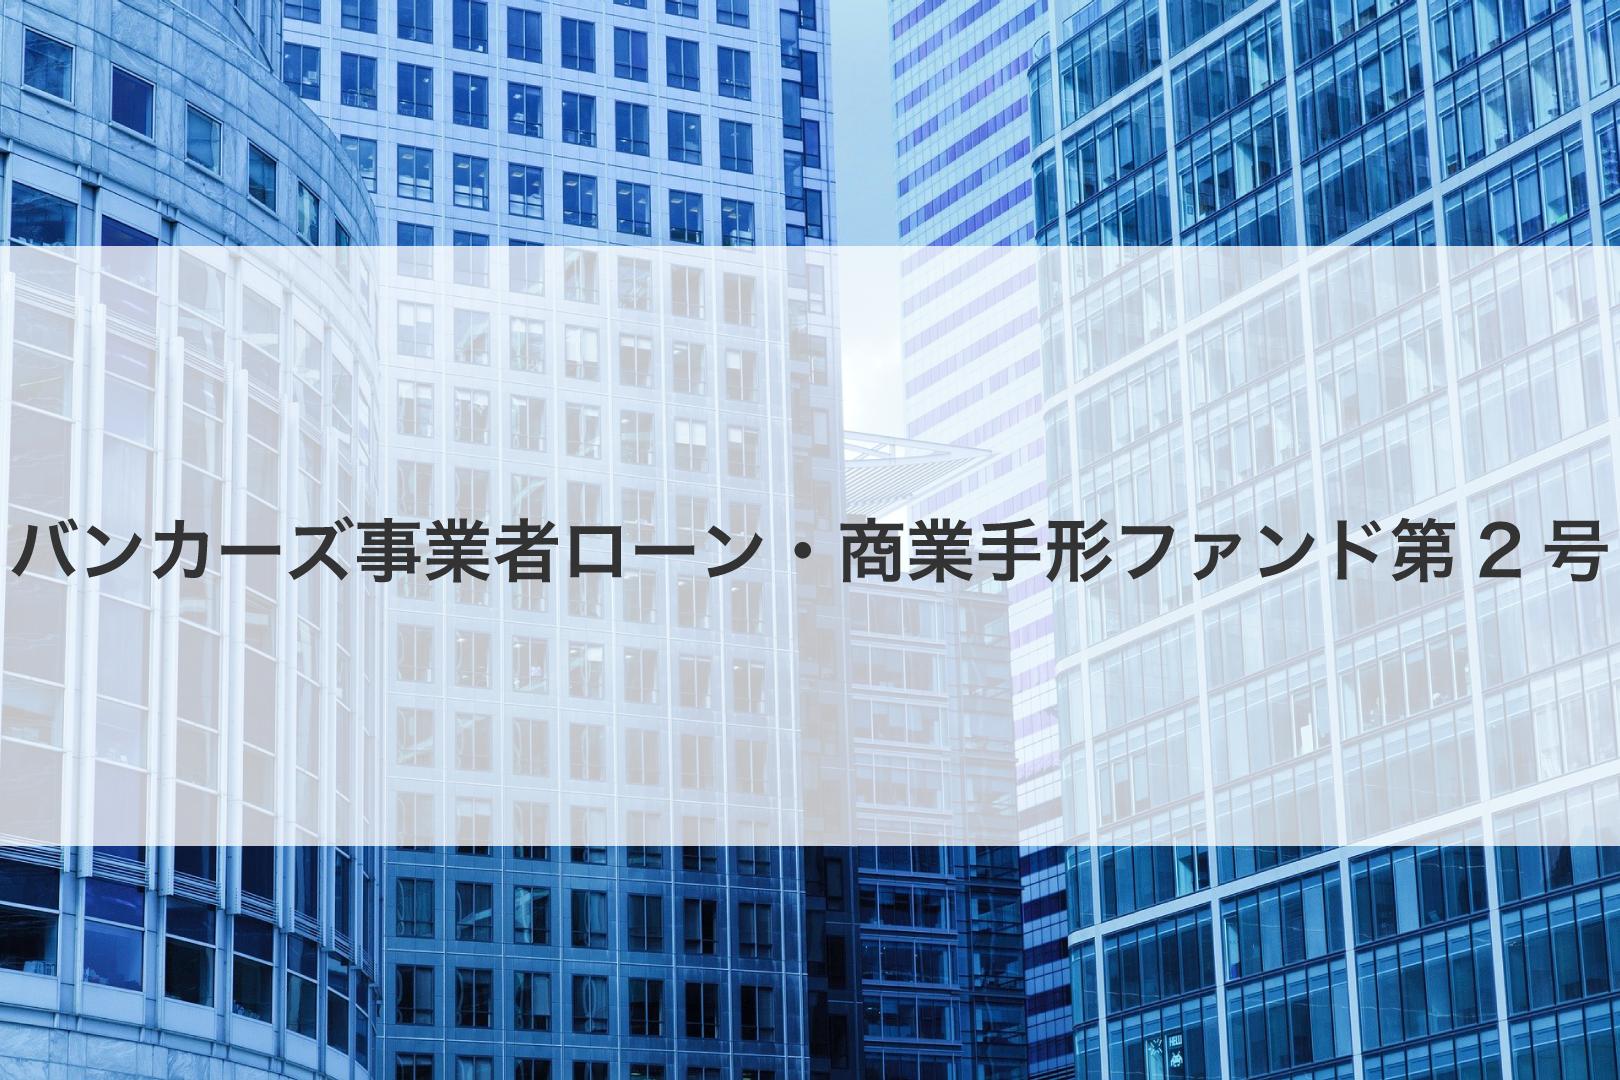 バンカーズ事業者ローン・商業手形ファンド第2号